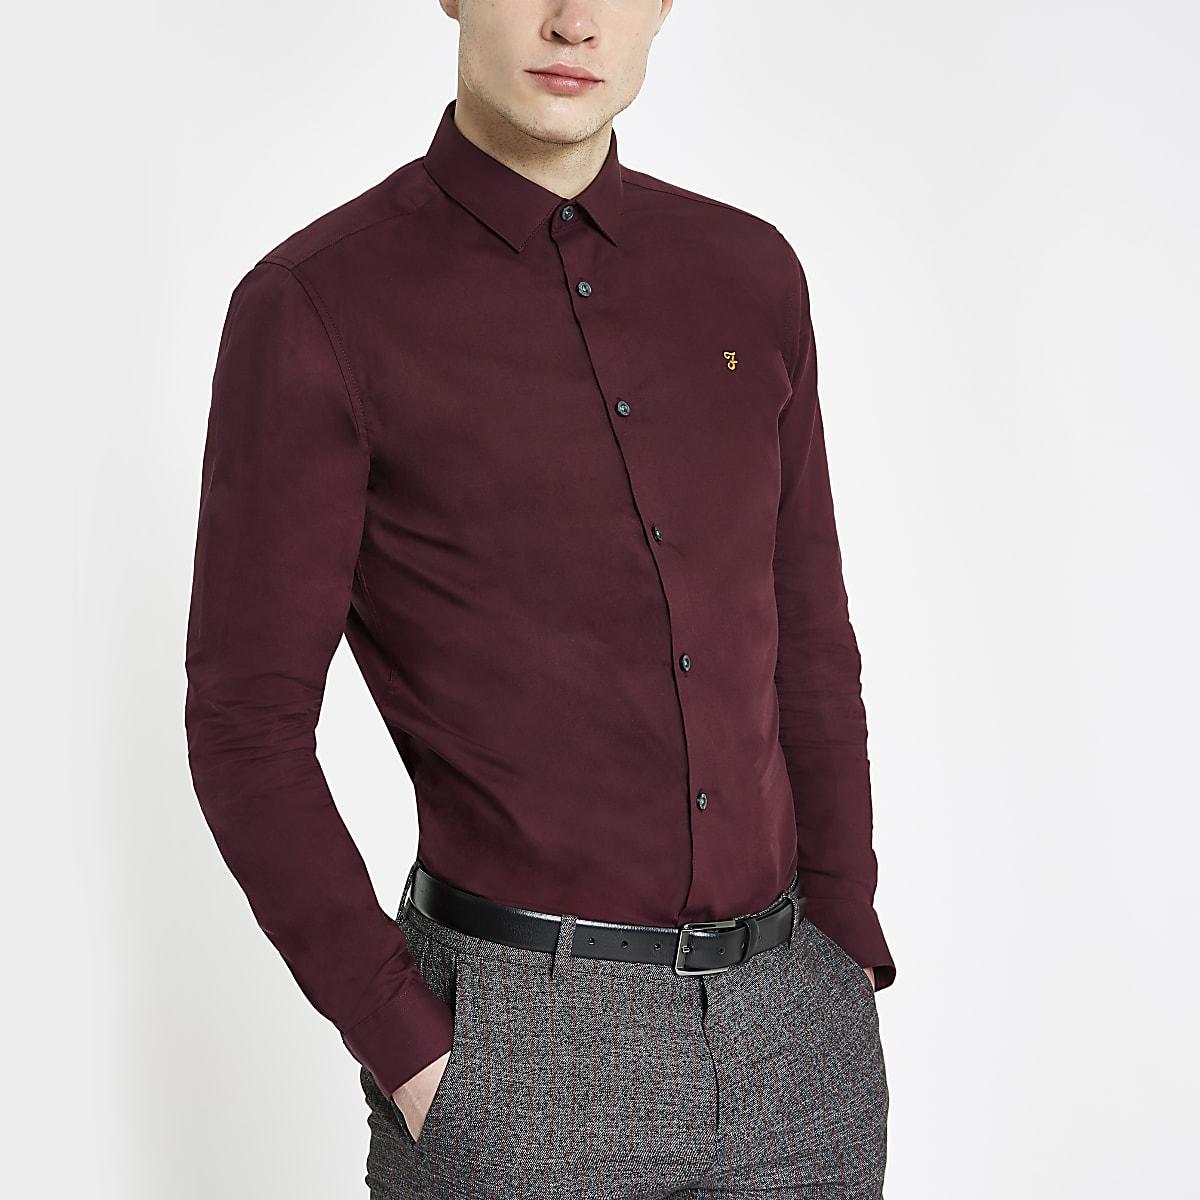 Farah - Bordeauxrood overhemd met normale pasvorm en lange mouwen